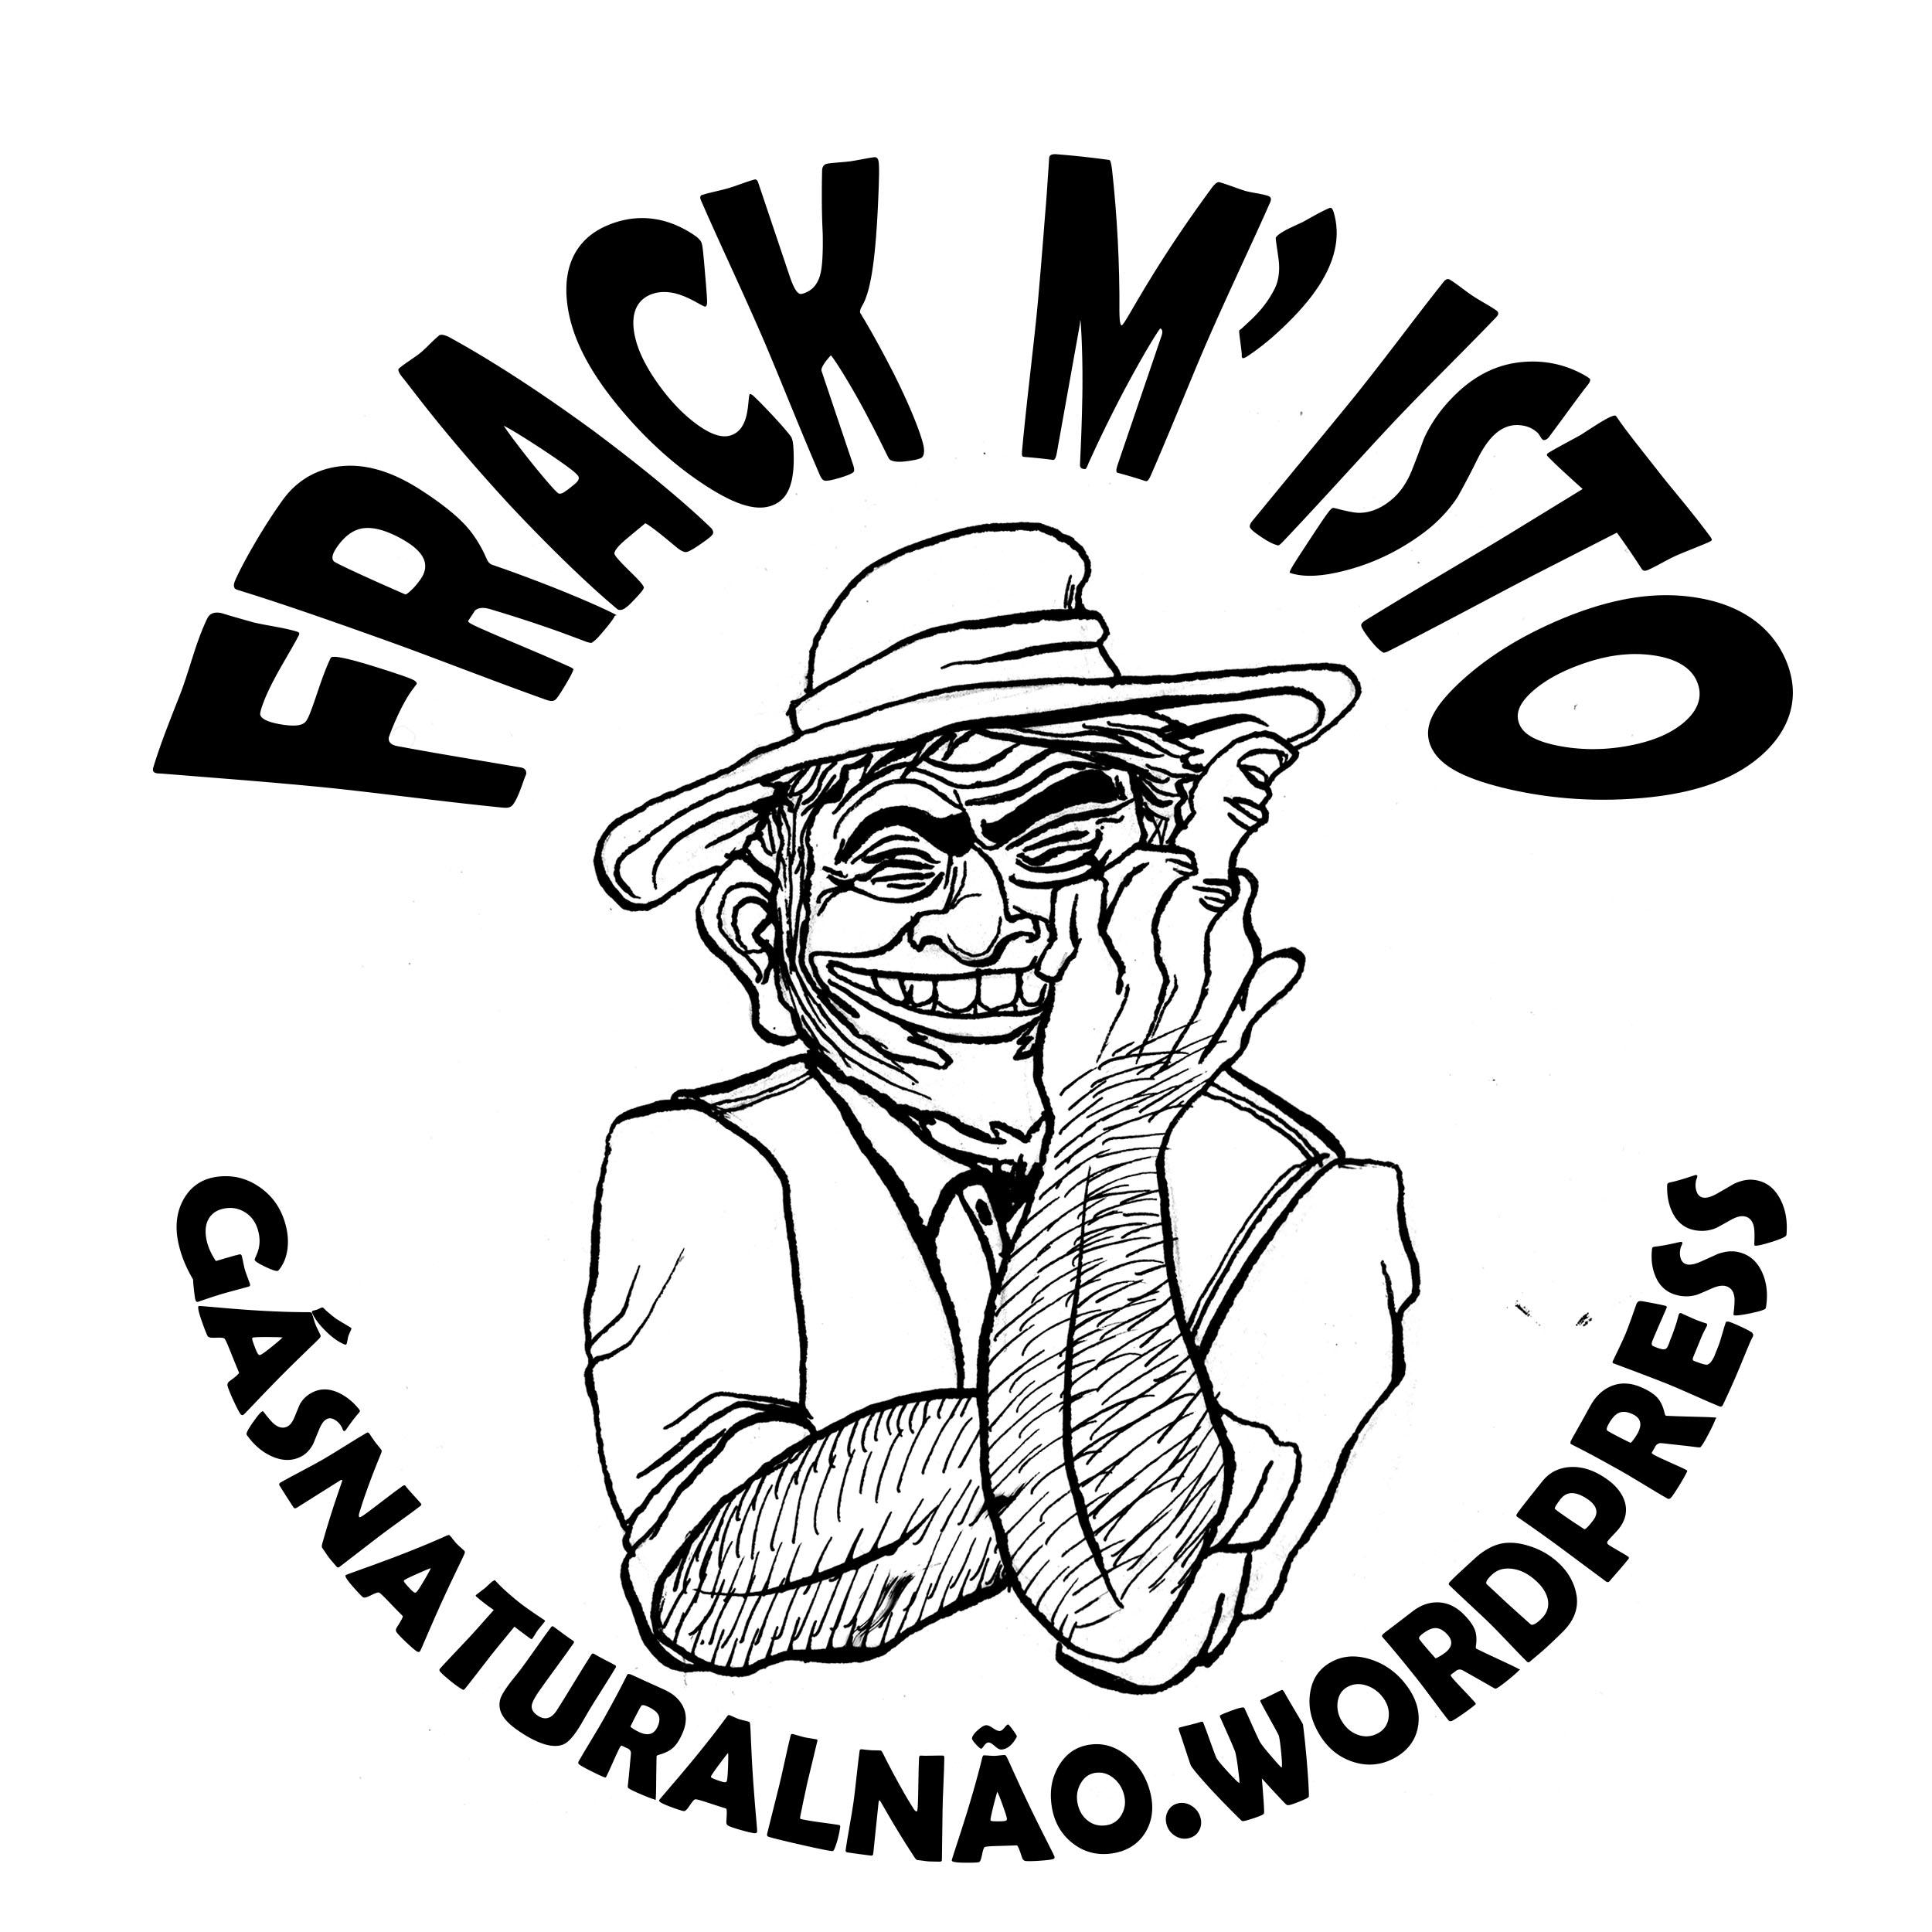 Apoio Mútuo anti Fracking!